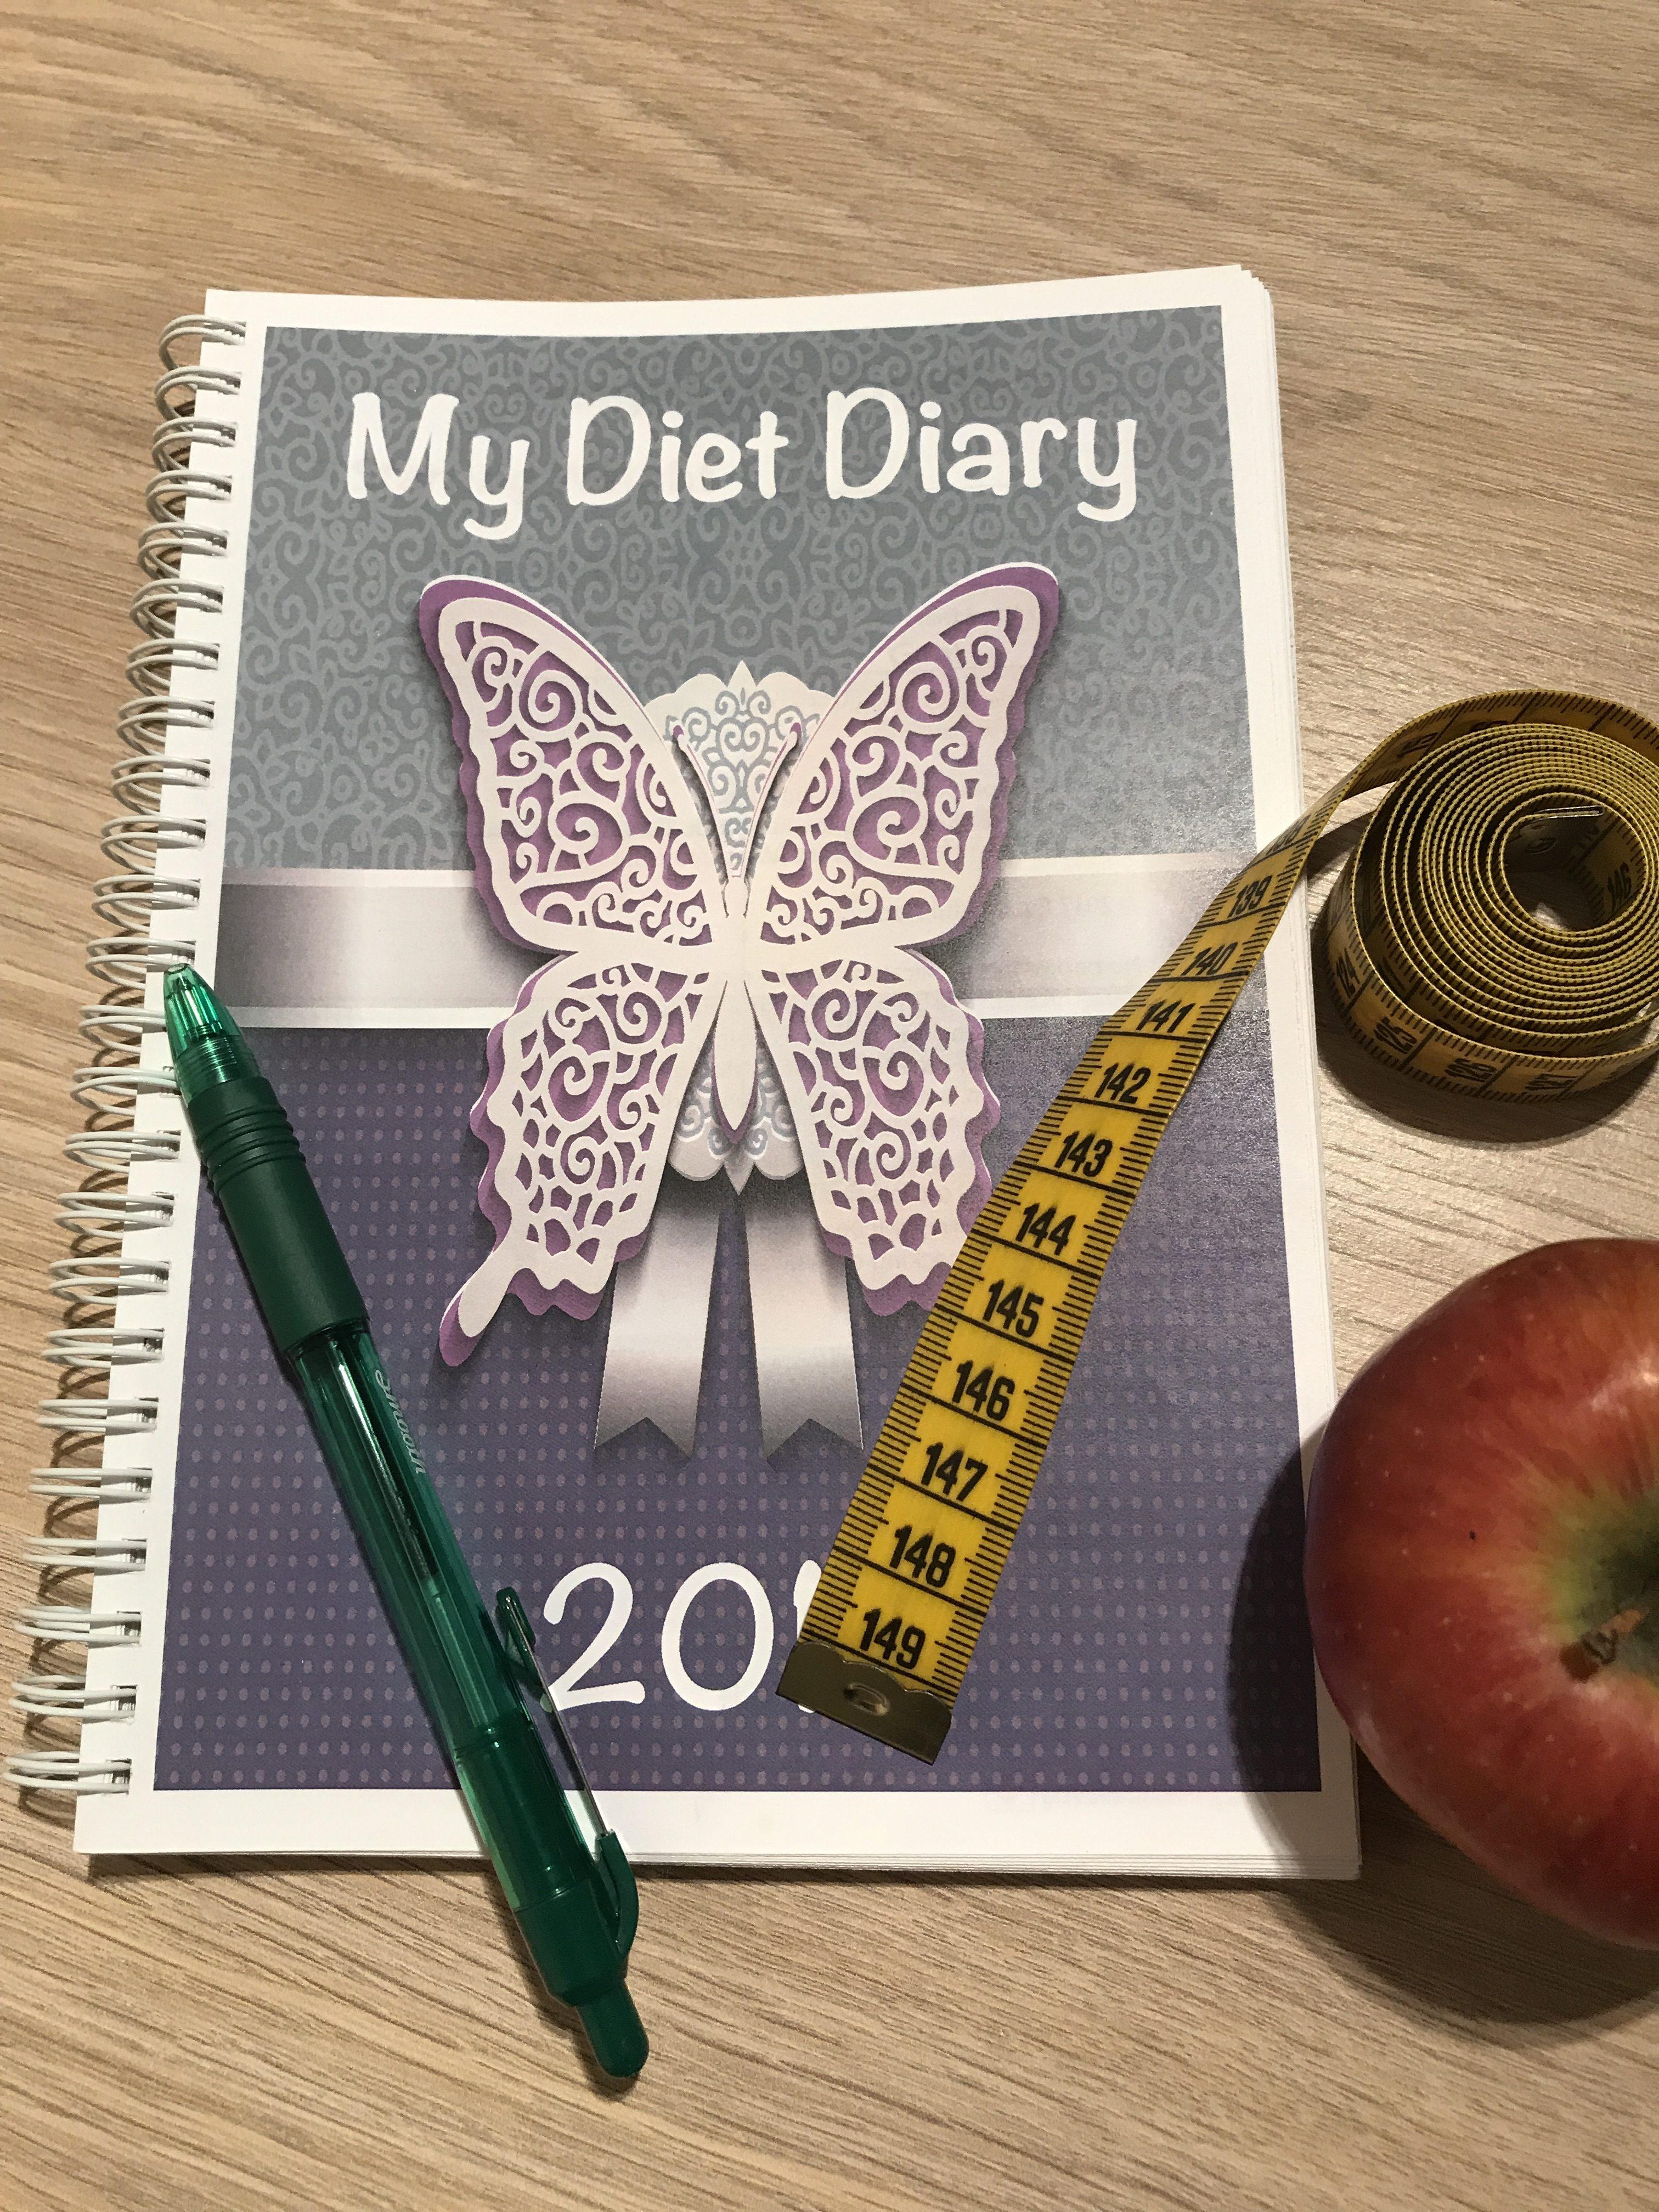 My Diet Diary